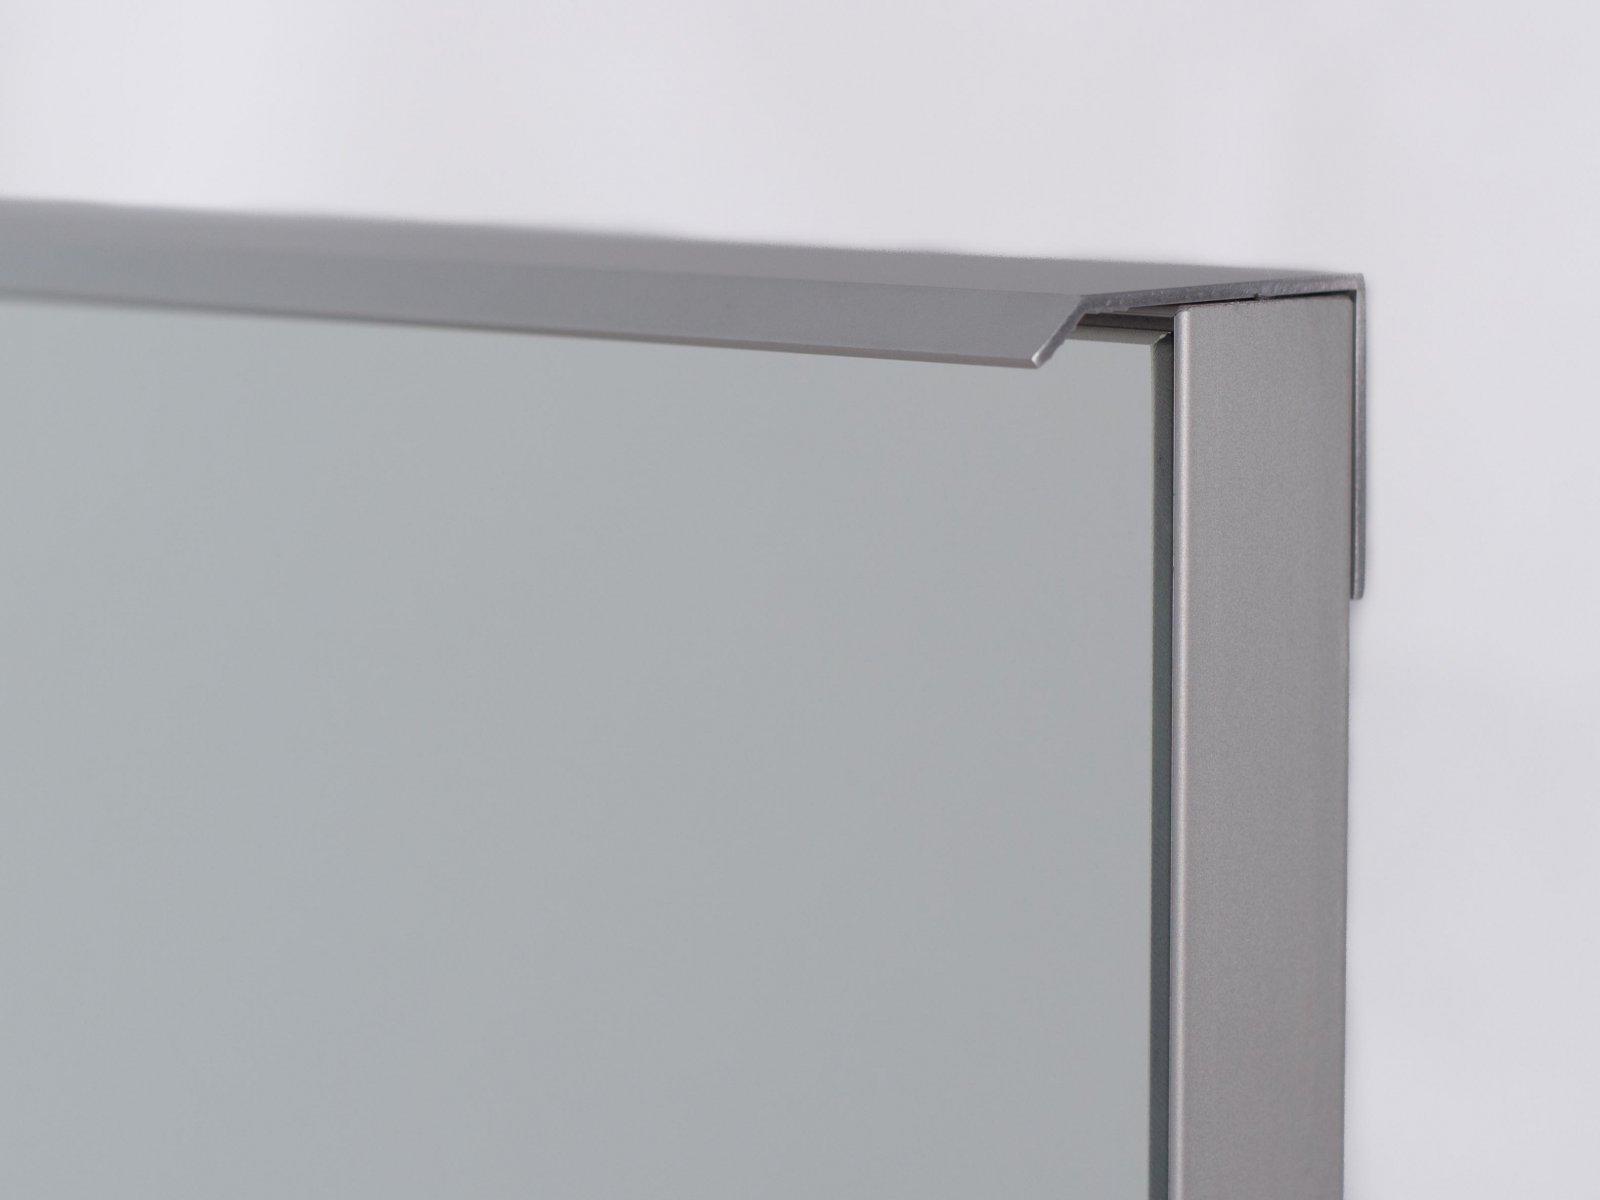 Porta-17 (Perfil V04 mate + puxador L03 mate + espelho)